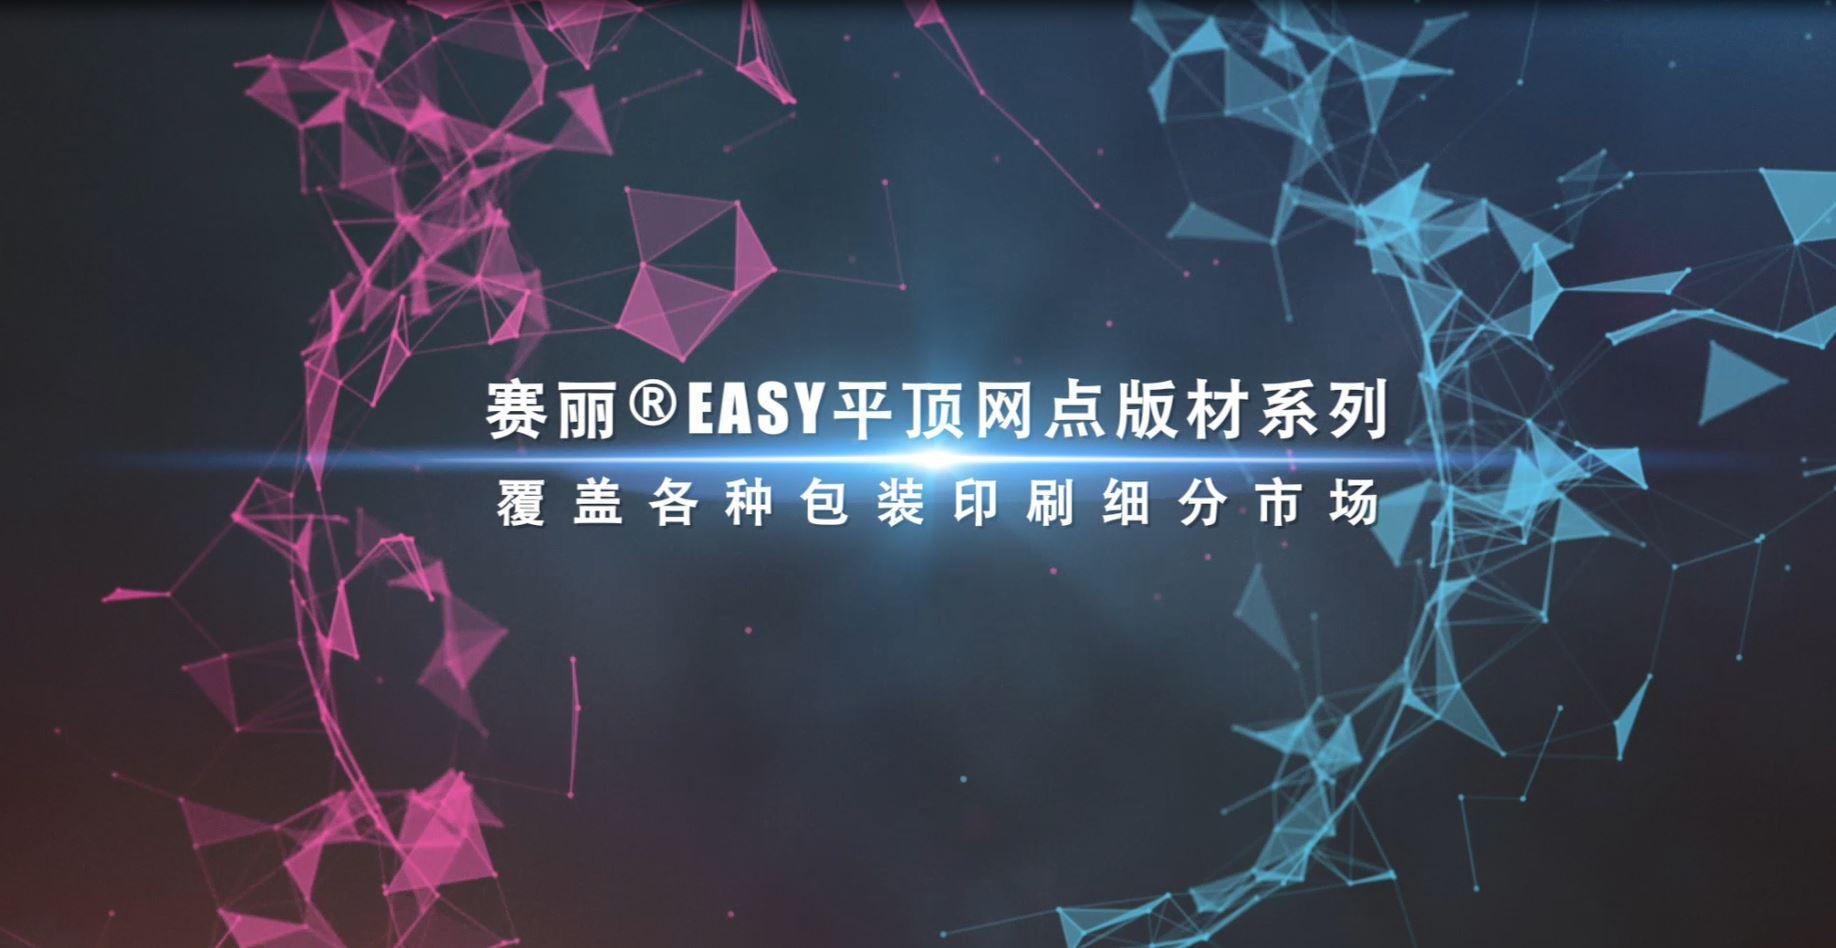 视频:乐天堂体育投注先进印刷在CHINA PRINT 2017 推出最新赛丽® EASY 纸张印刷版材